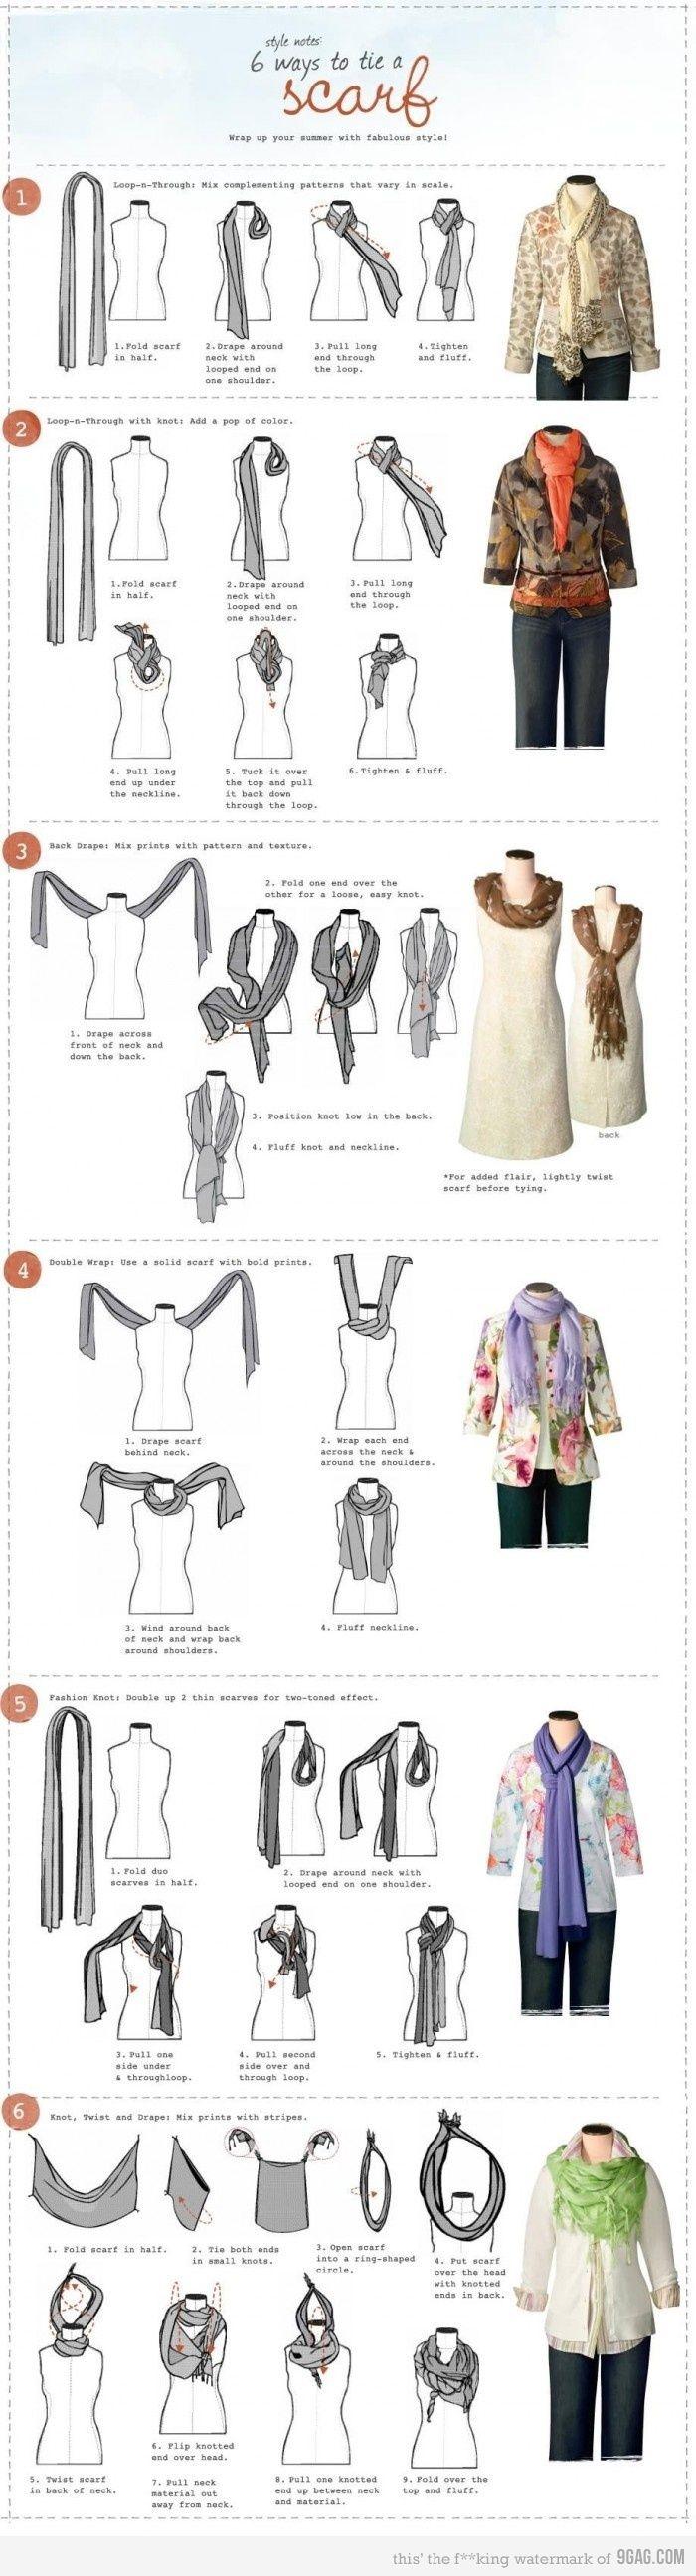 how to wrap scarfs